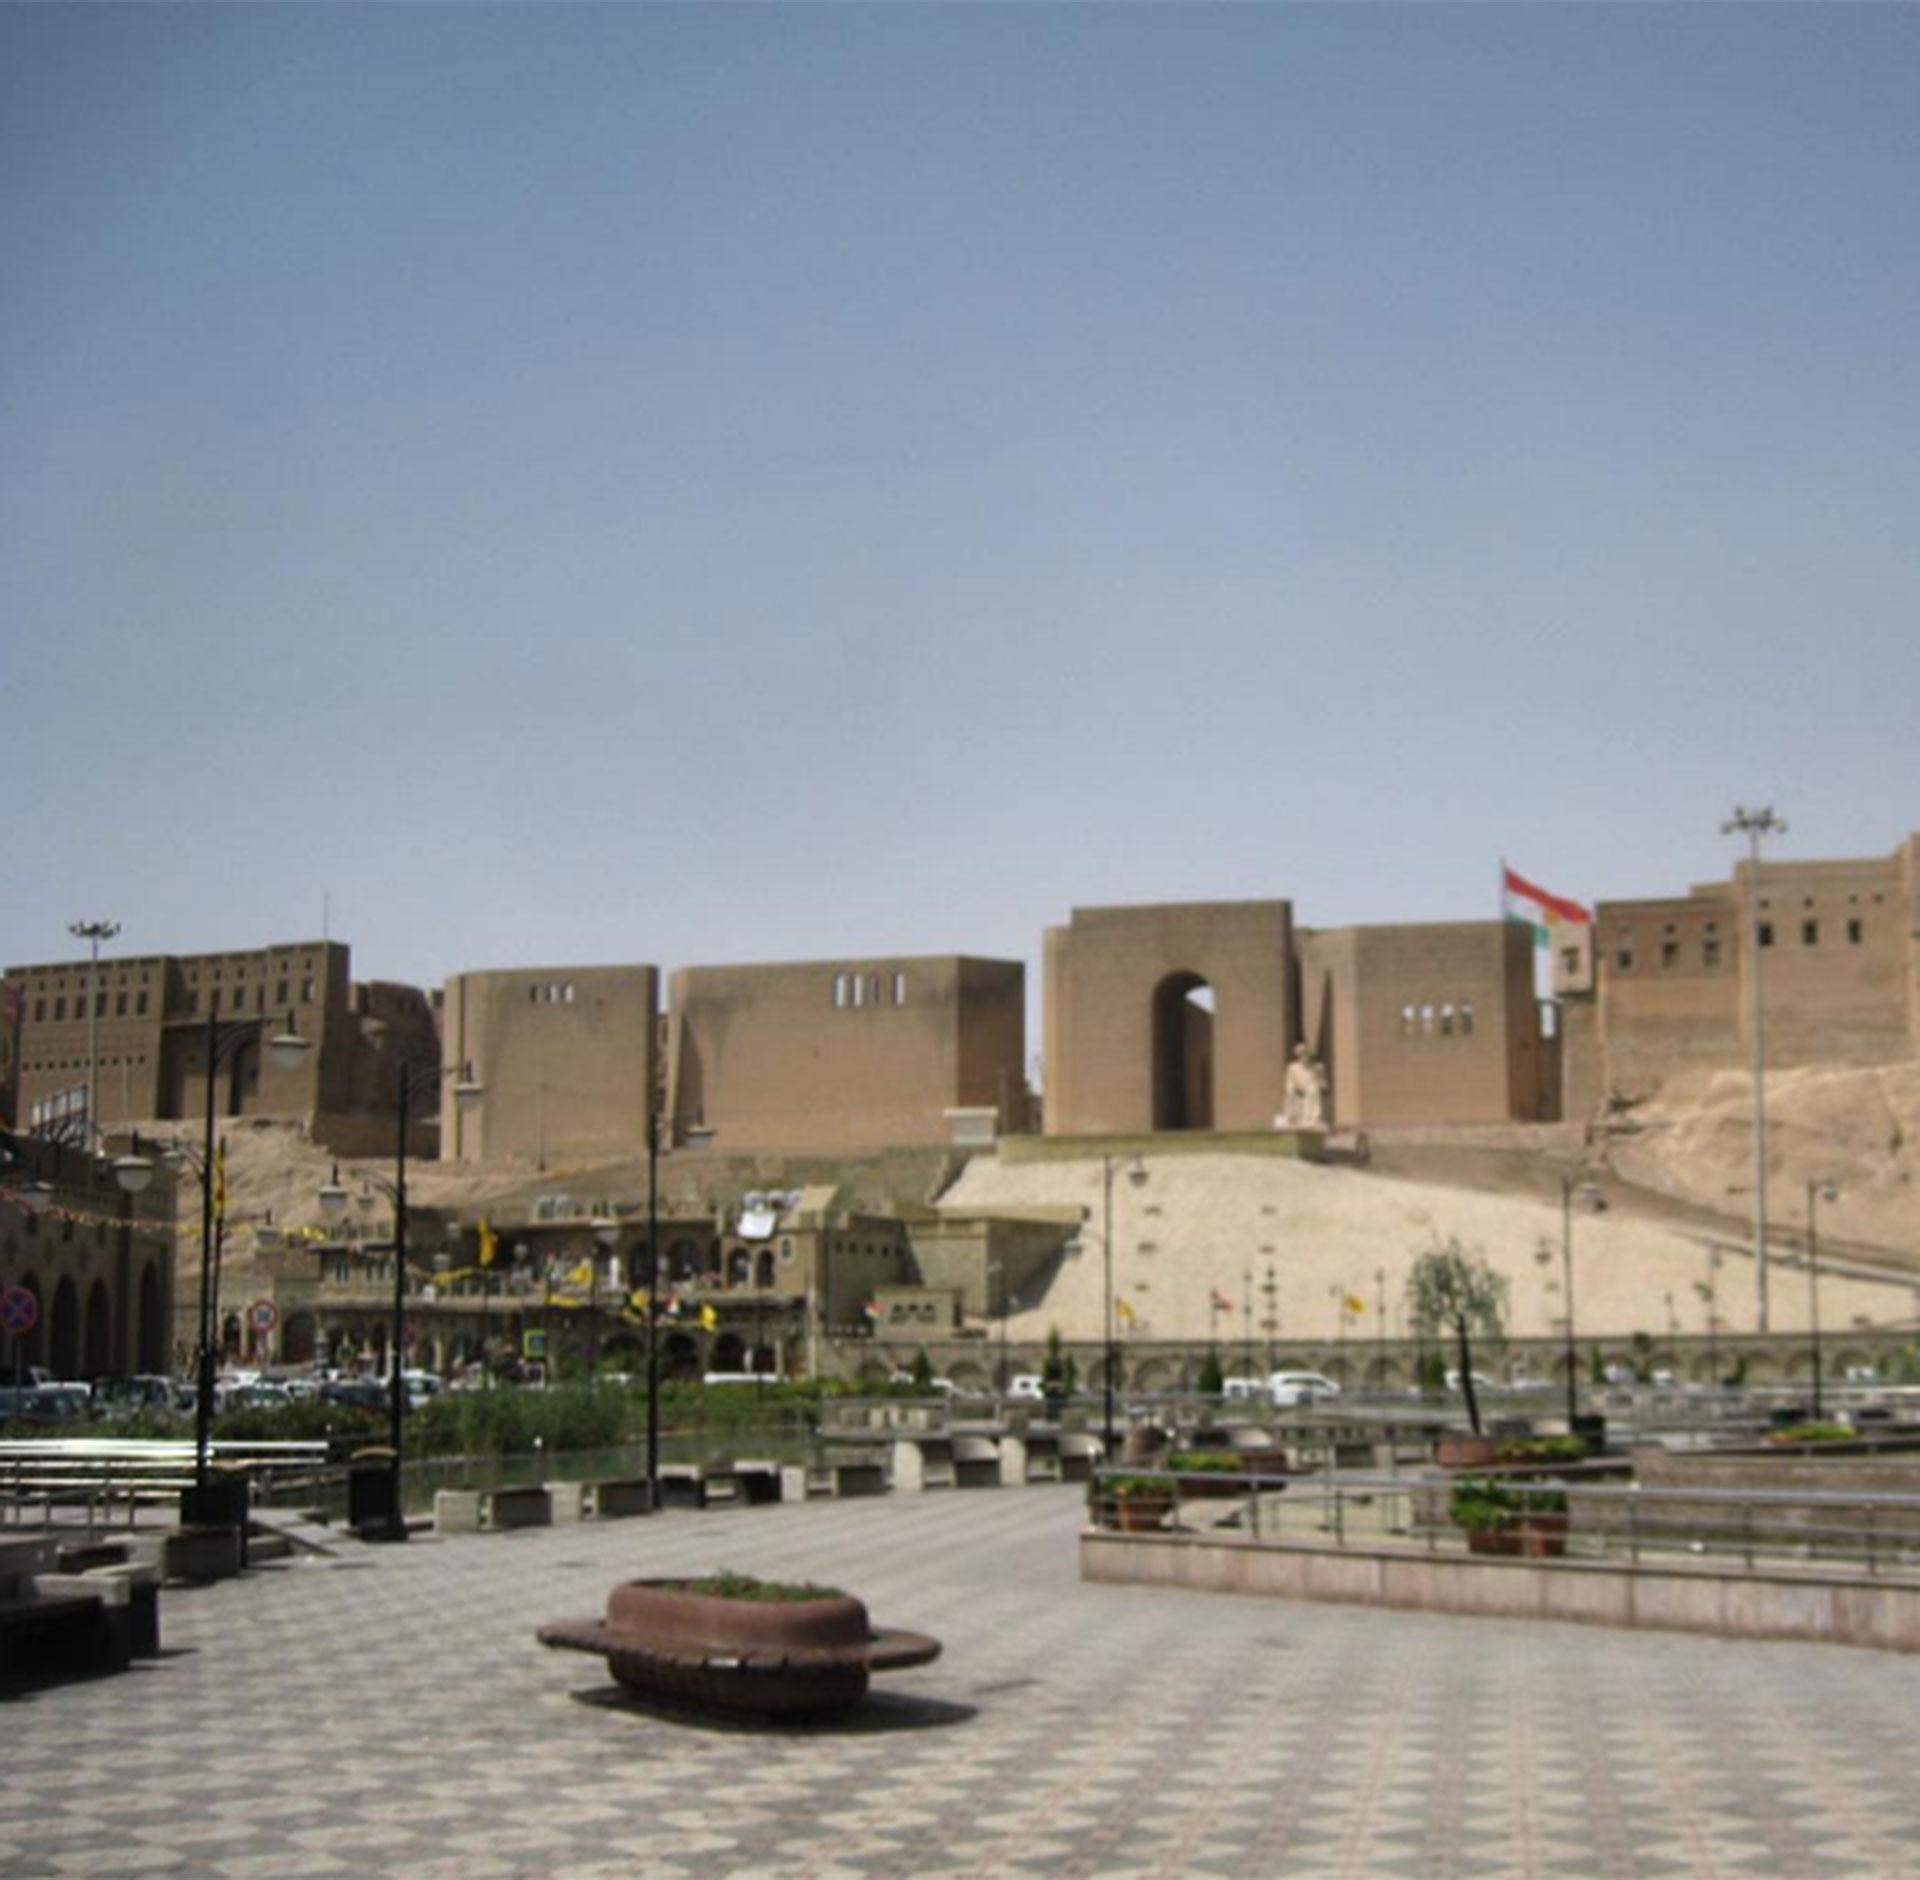 Irak fue otro de los puntos que tocó Jeppesen. El peligro no lo frenó para visitar el país en crisis